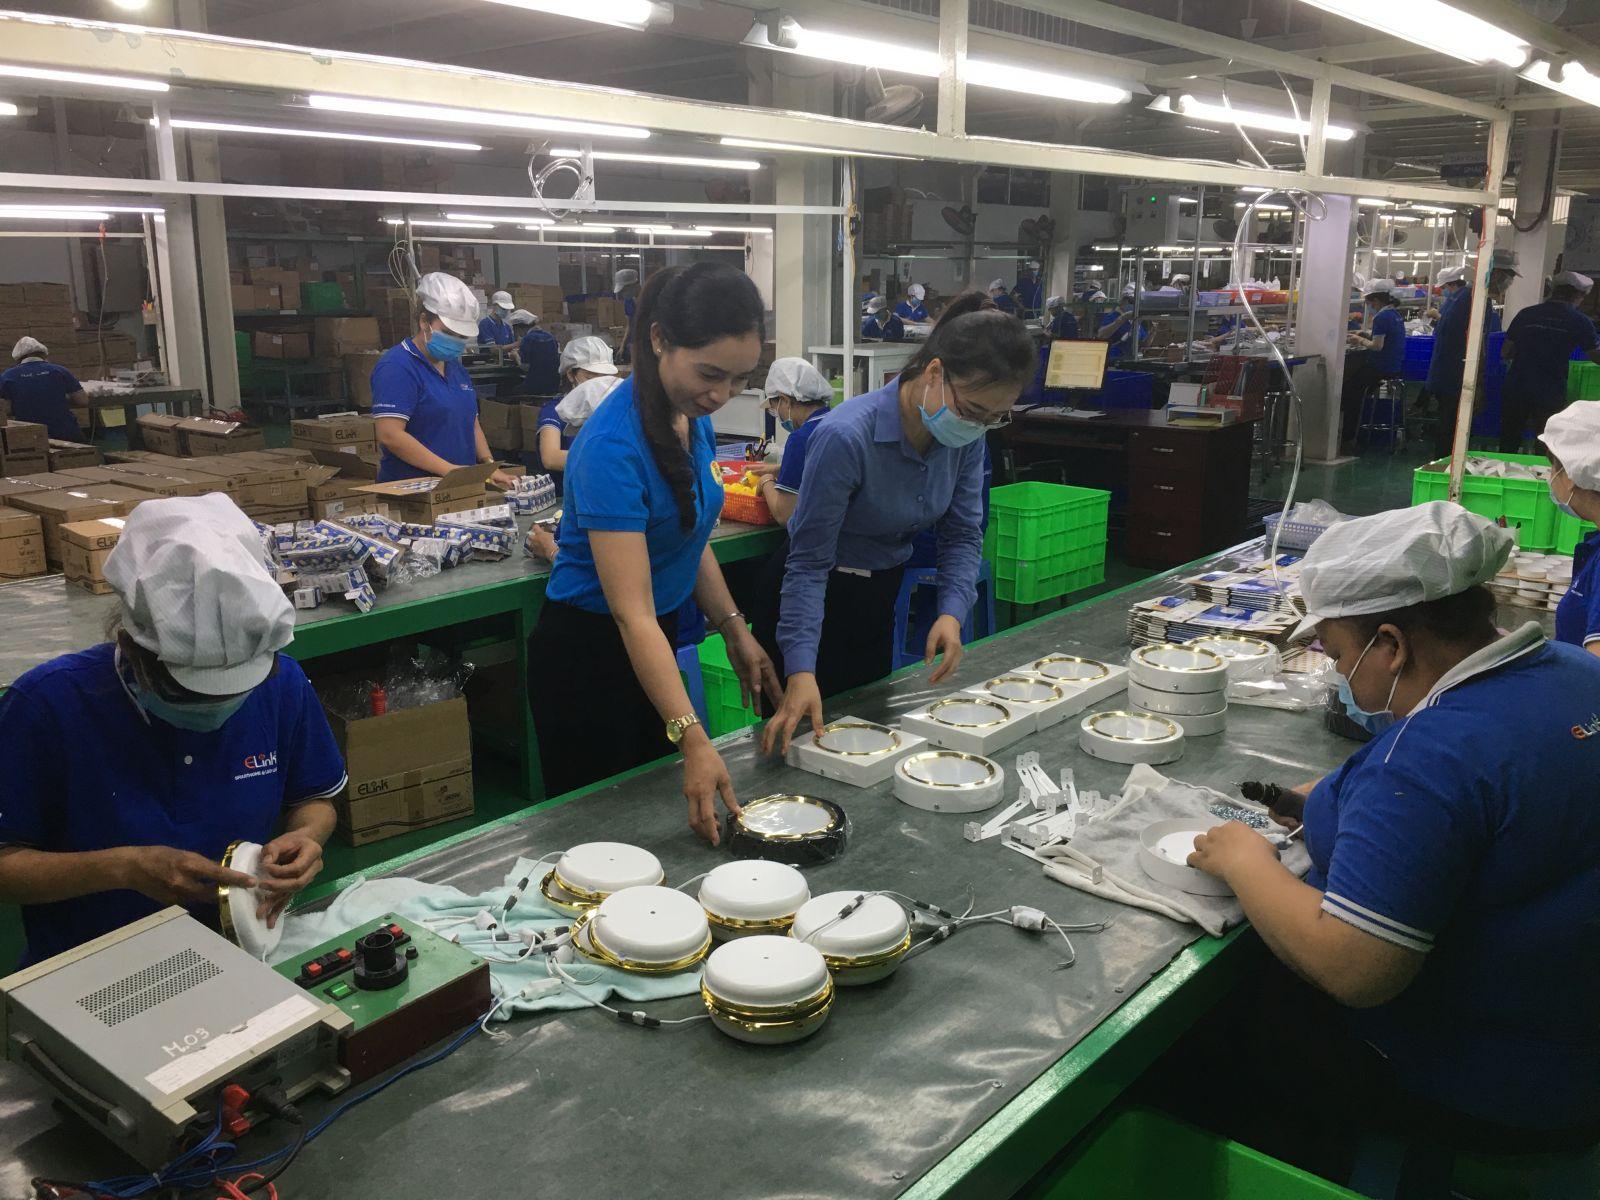 Đèn ốp trần nổi viền xi 18W do Công ty Cổ phần Sản xuất Thương mại Sáng Việt vừa thiết kế, sản xuất